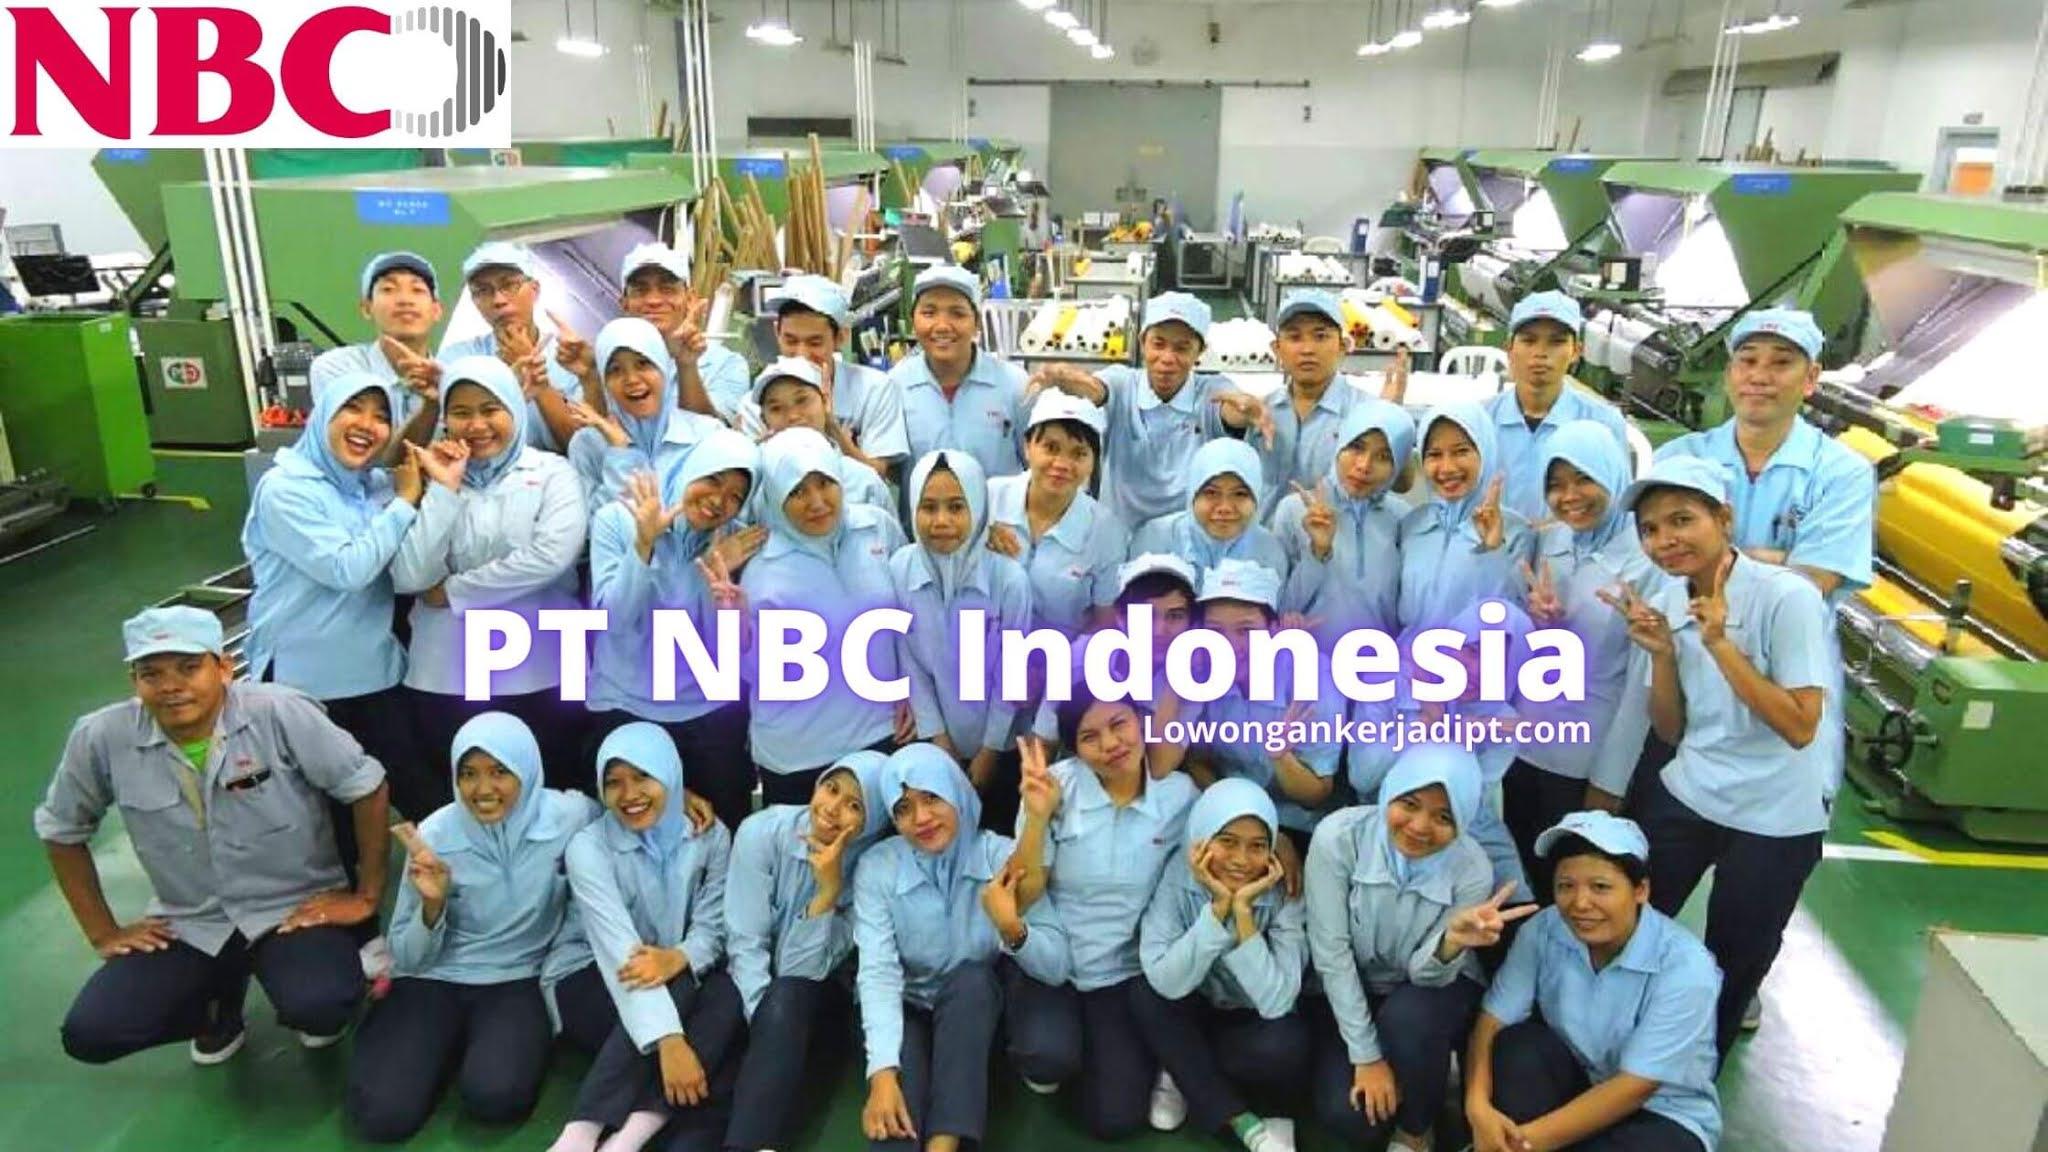 Lowongan Kerja Pt Nbc Indonesia Karawang Lowongankerjadipt Com